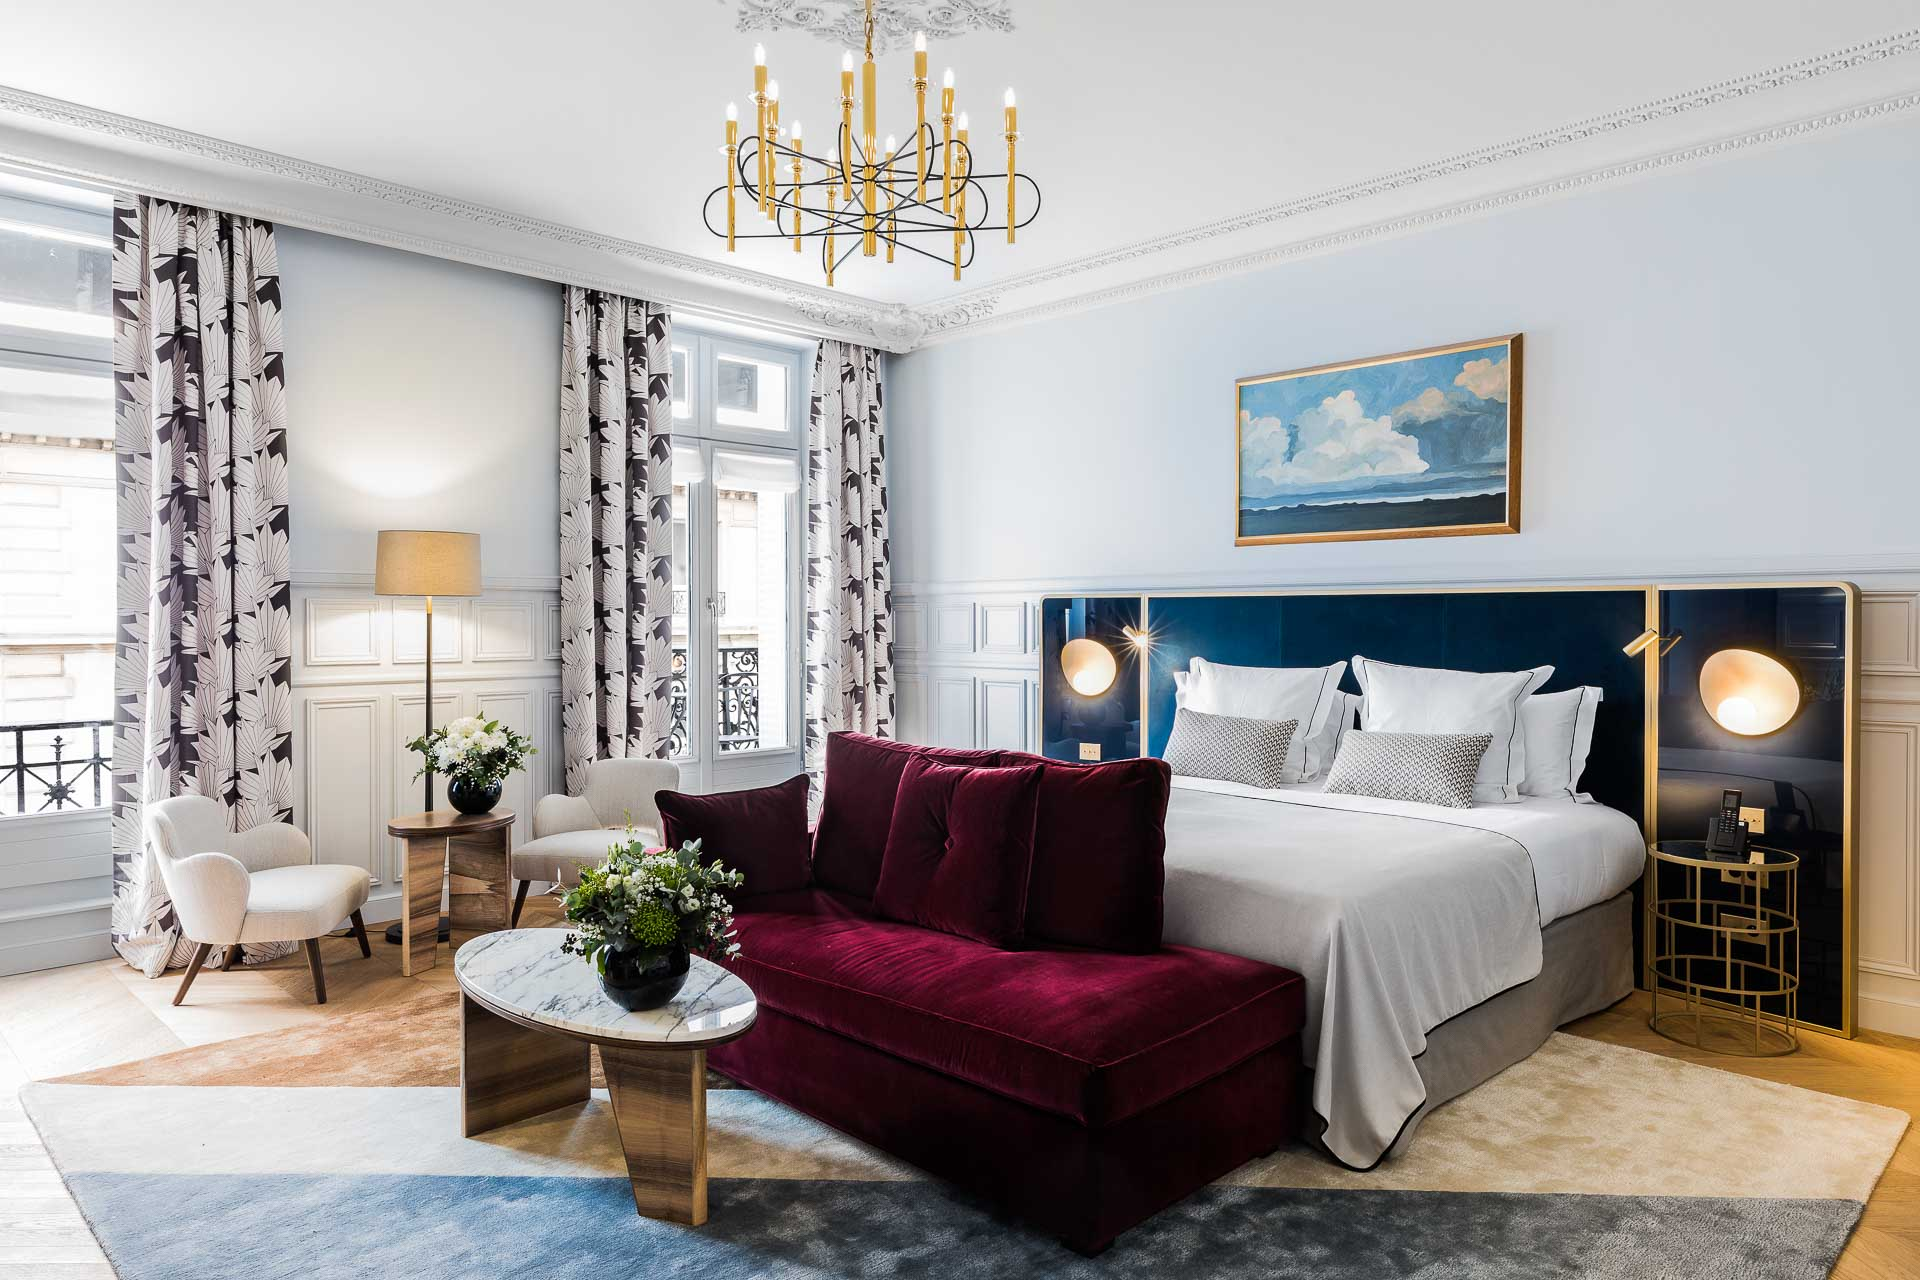 Envie d'un hôtel romantique en France où partir en week-end ? Découvrez notre sélection d'établissement conjuguant confort, luxe, bien-être ou gastronomie pour roucouler à deux. Direction le Luberon, le Val de Loire, la Bourgogne ou Paris.